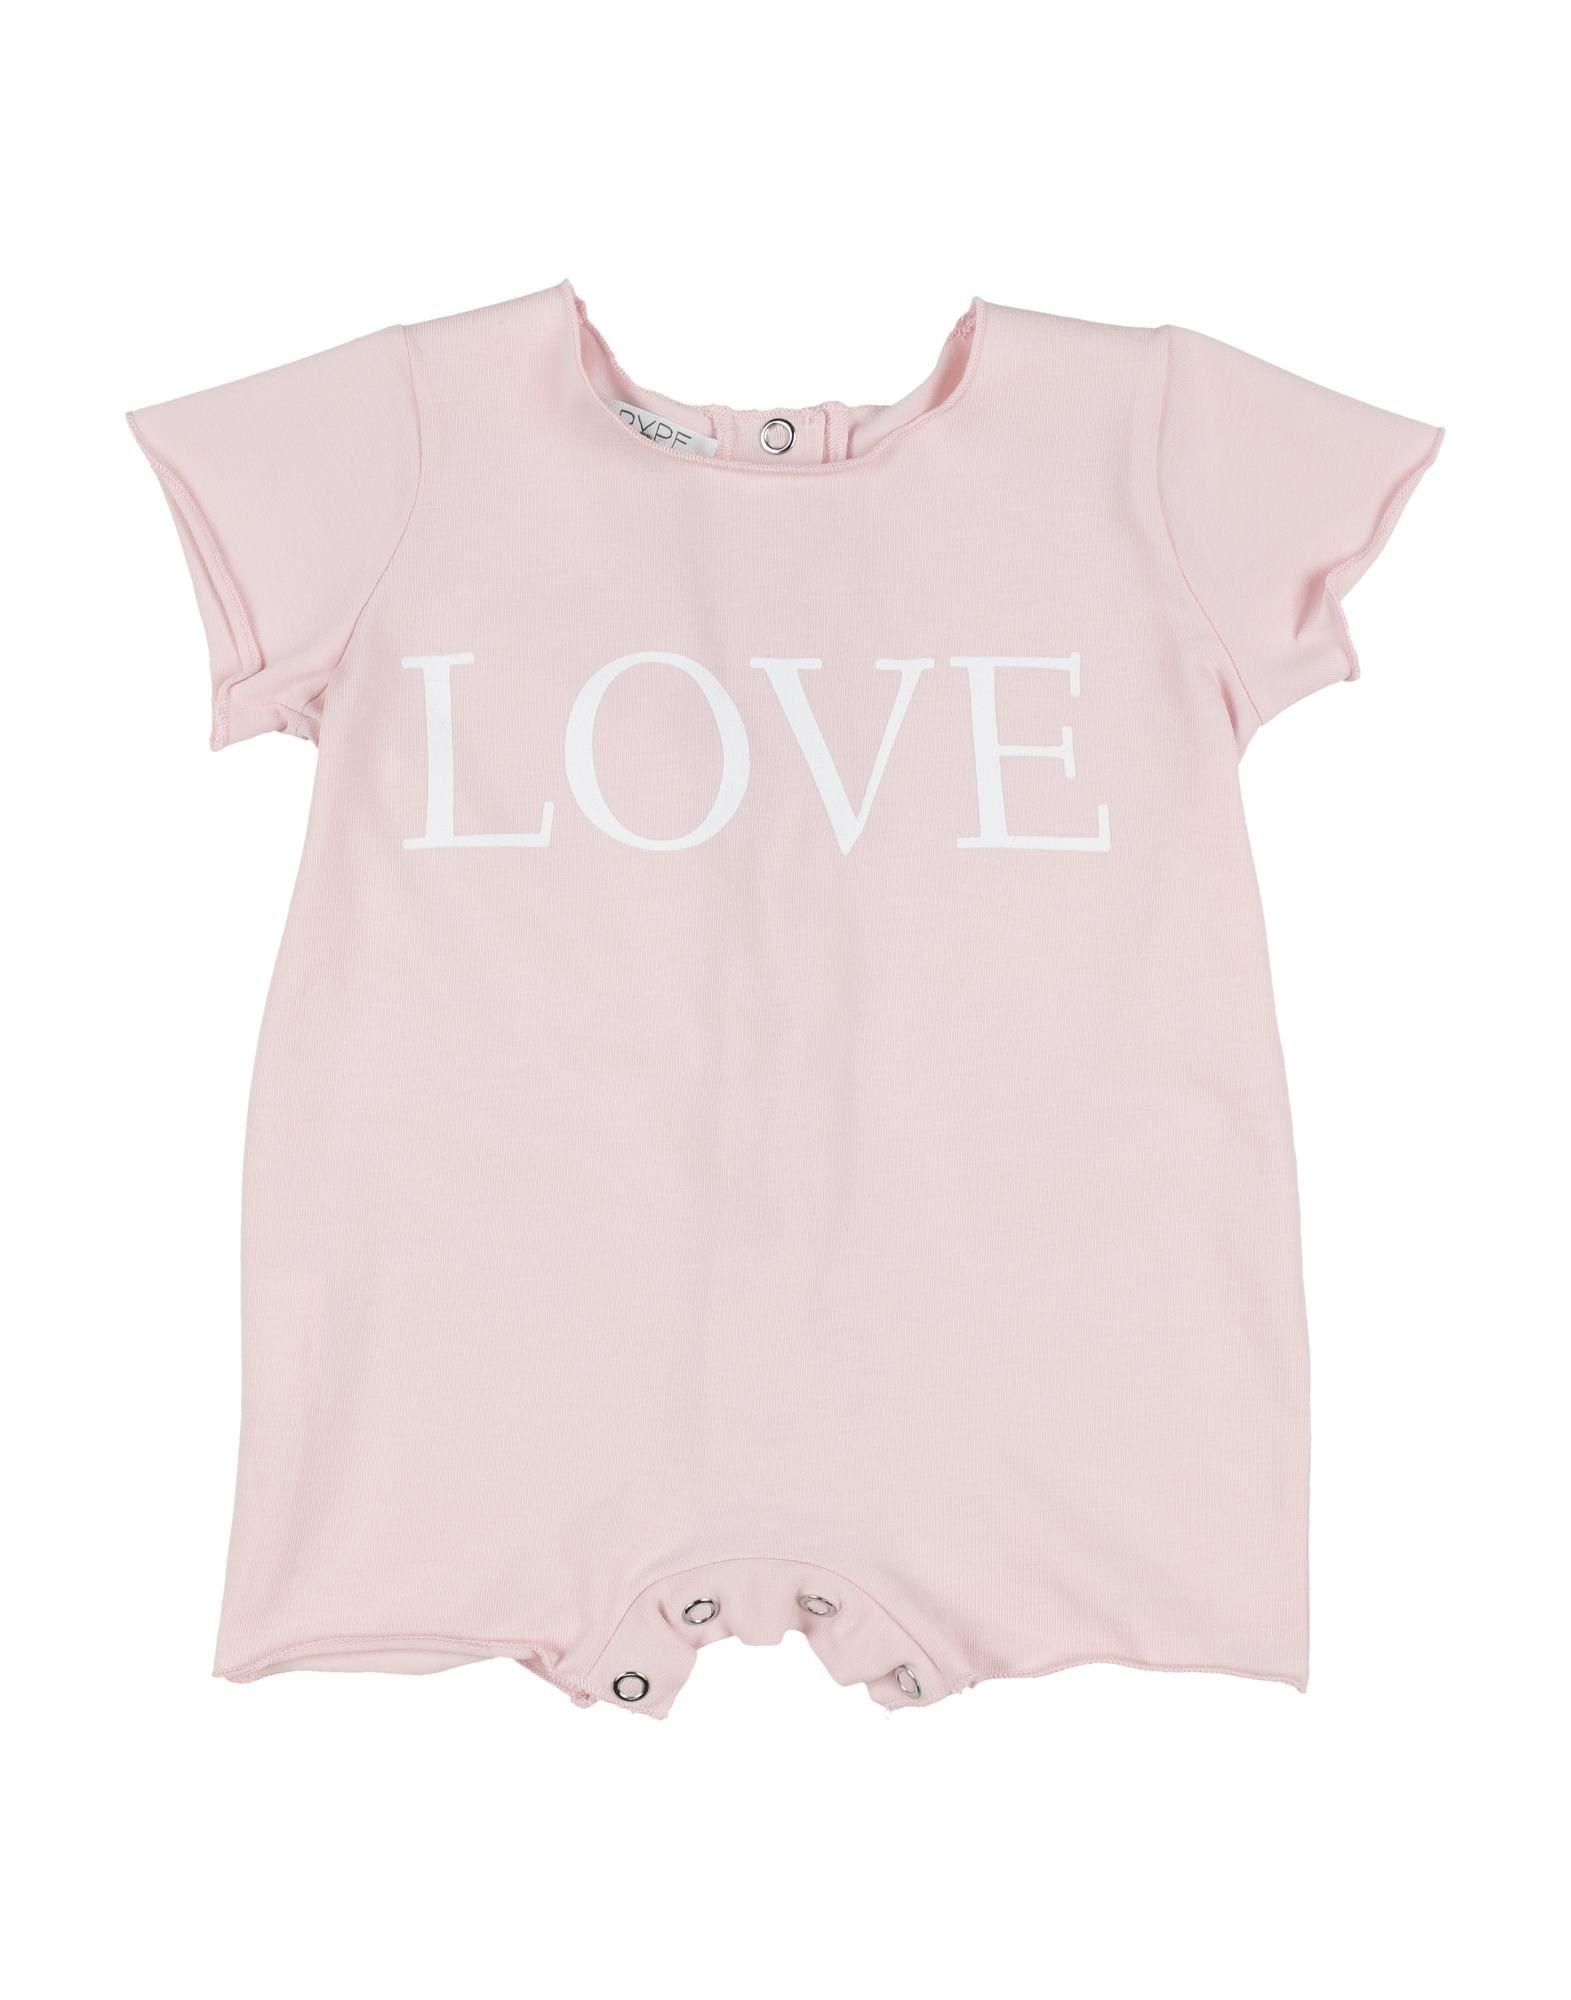 YOOX.COM(ユークス)《セール開催中》PYPE ガールズ 0-24 ヶ月 乳幼児用ロンパース ピンク 3 コットン 90% / ポリウレタン 10%